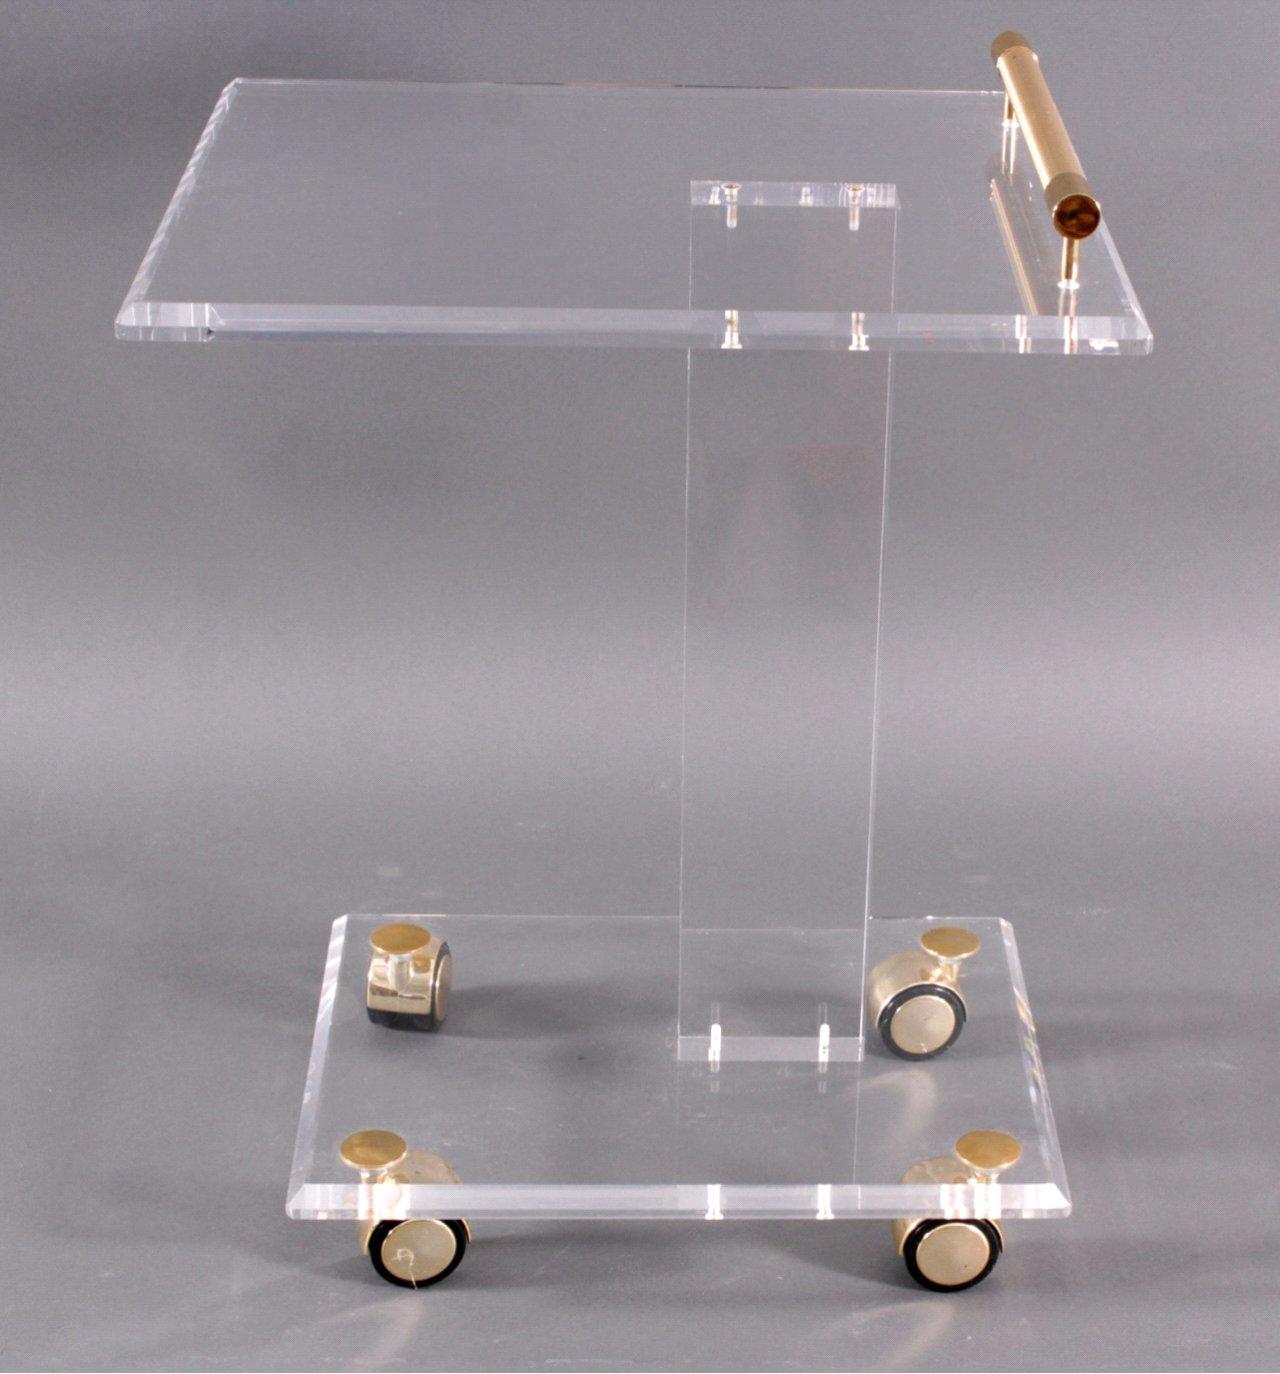 Beistelltisch aus plexiglas auf rollen badisches for Beistelltisch plexiglas